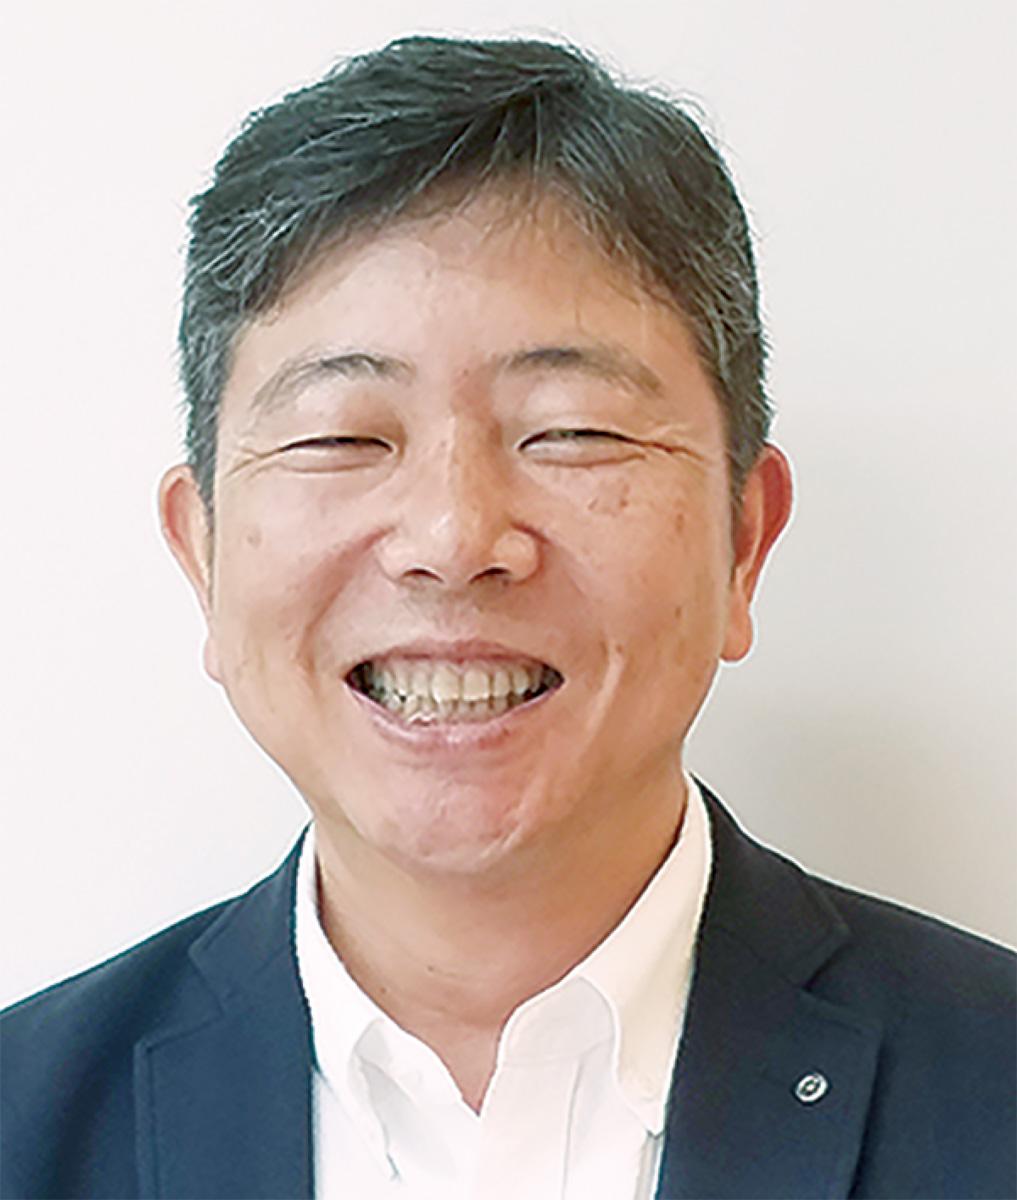 菅原祐一さん(48)23代会長柏倉建設株式会社